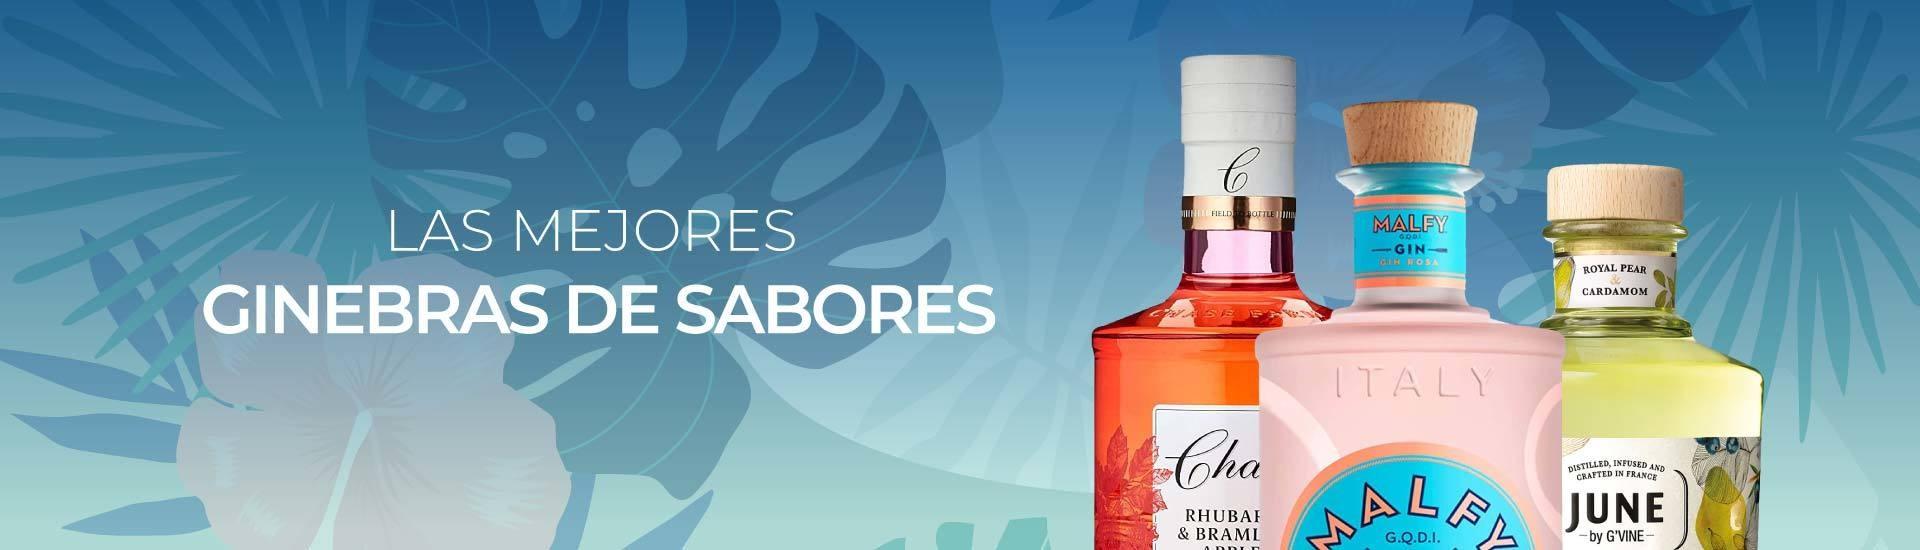 GINEBRAS DE SABORES